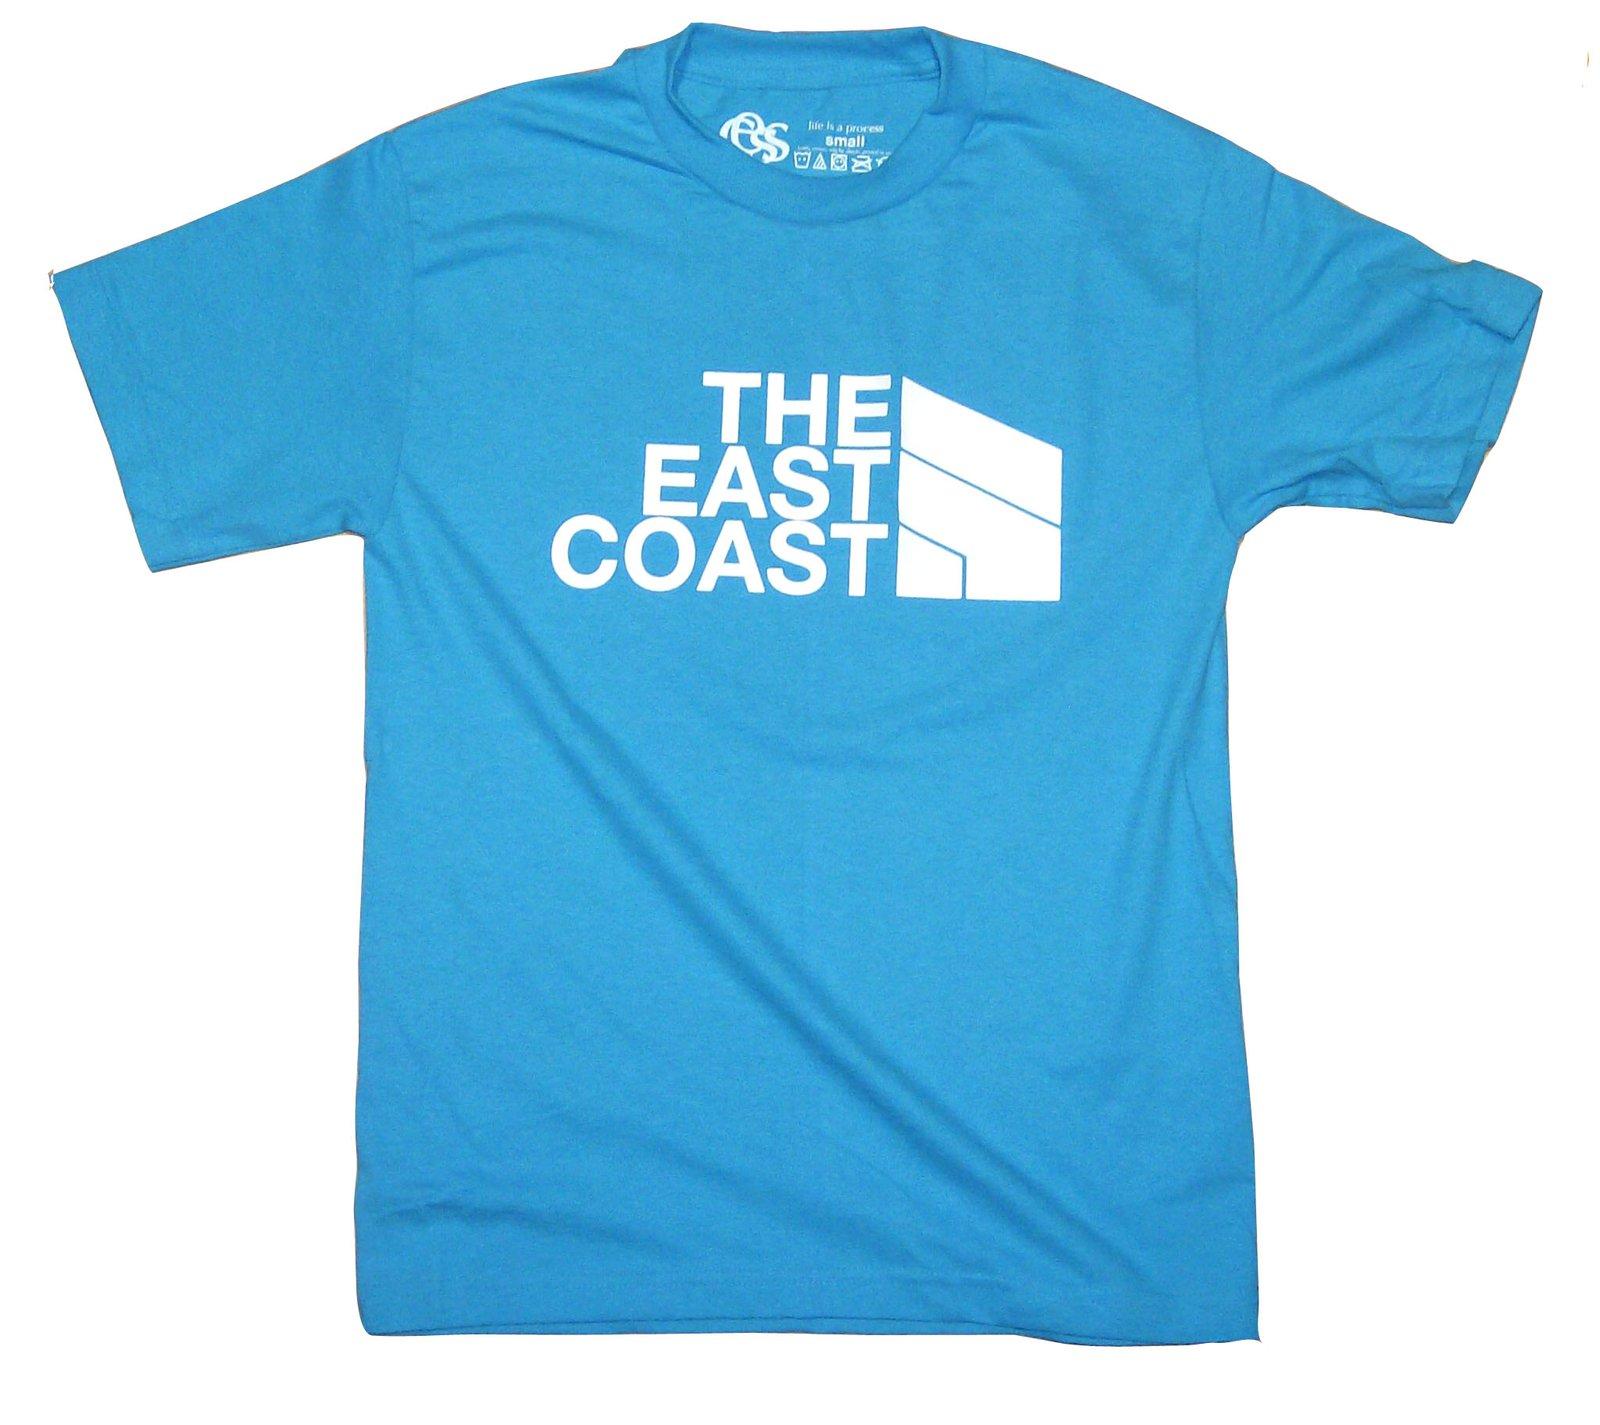 The East Coast